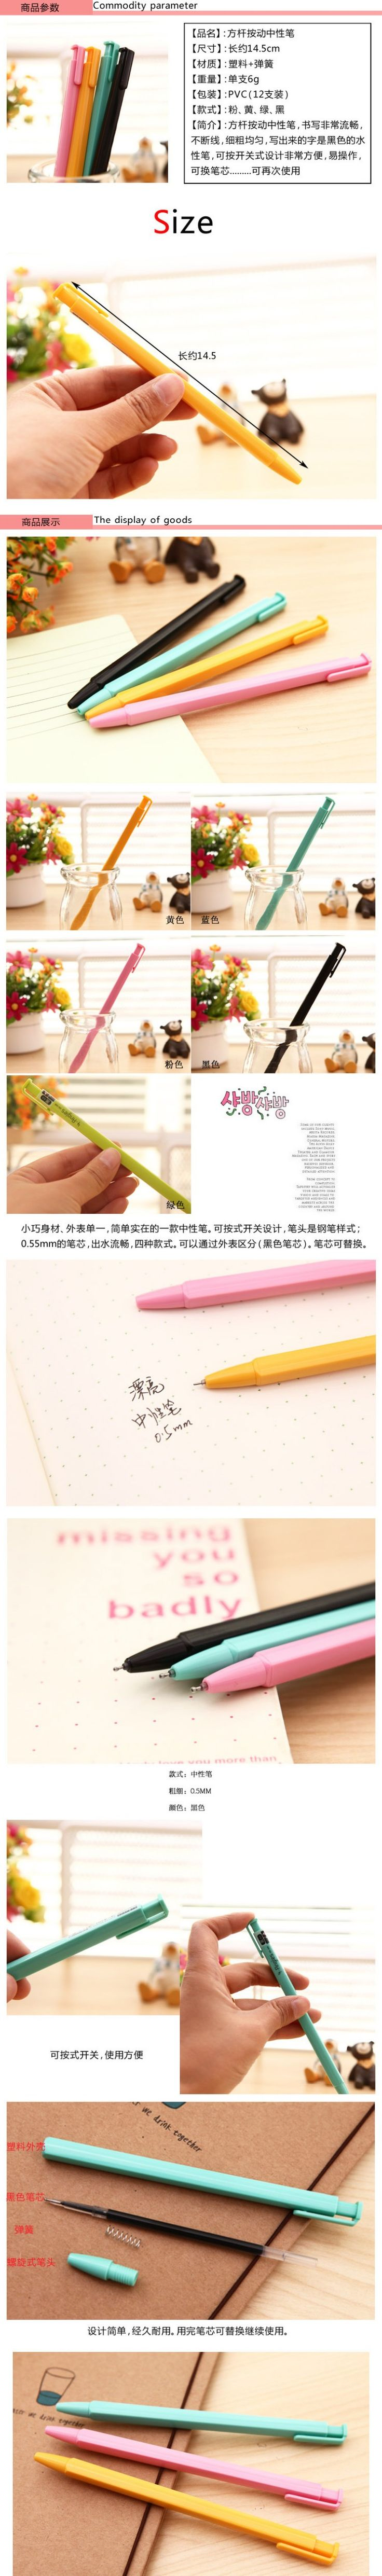 80,06 руб. / шт. Письменные принадлежности > Шариковые ручки Aliexpress